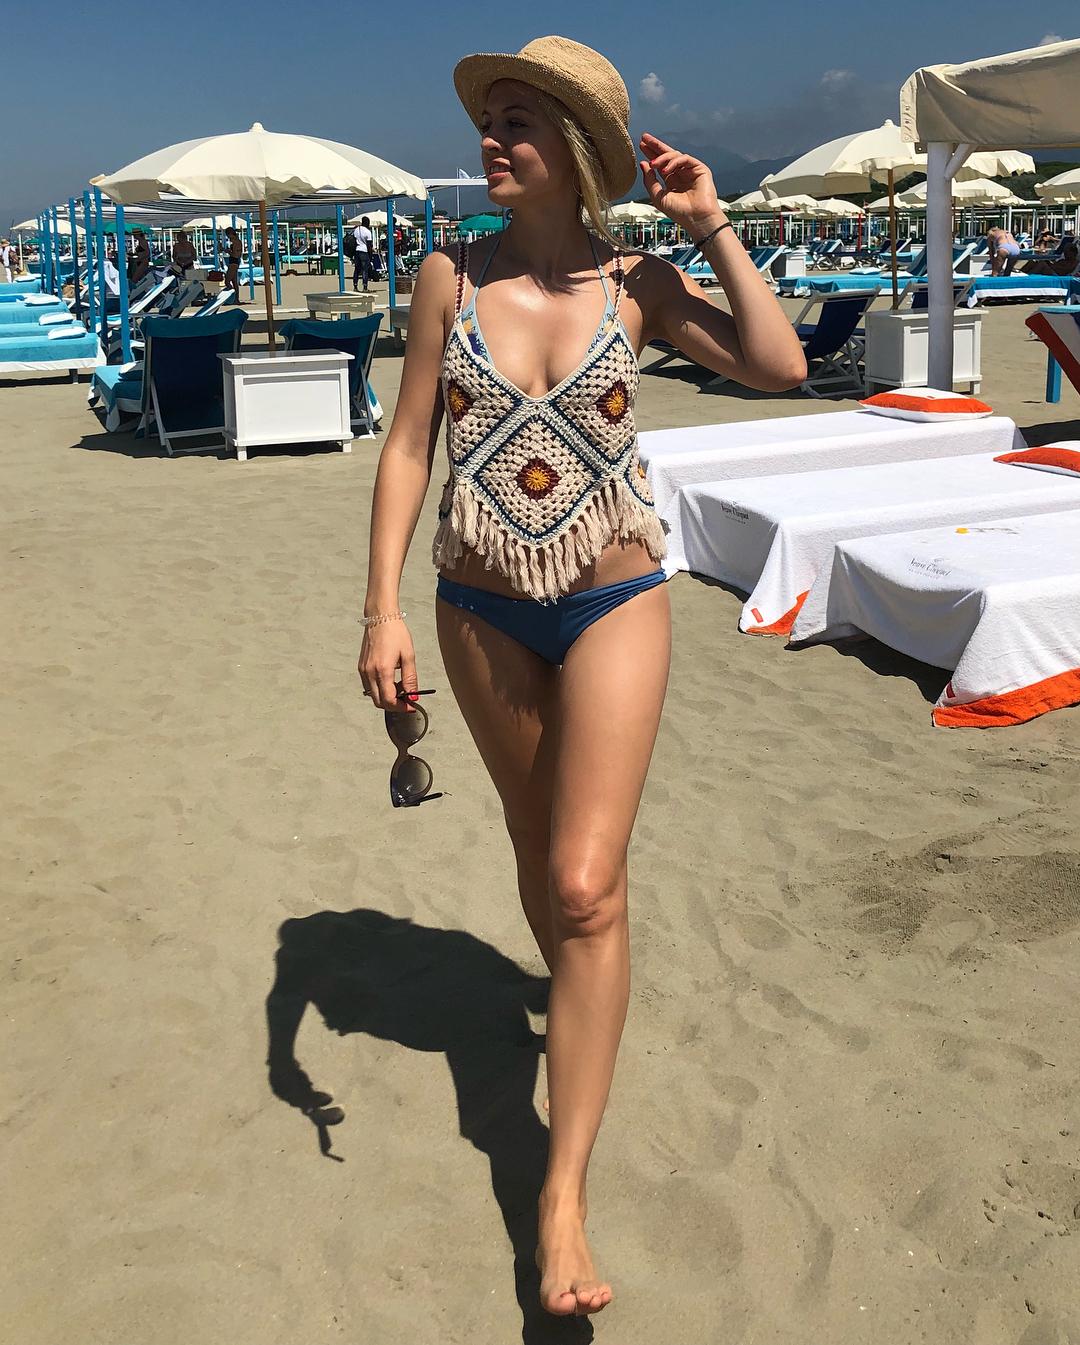 Янина Студилина: Скоро в Москву по работе  ненадолго...   ловлю солнечные лучи! Конечно, загорать вредно... но признаться, я люблю #  а вы загораете или прячетесь под зонтиком на отдыхе? #мореморе #отдых #пляж #кайф #фортедеймарми #италия